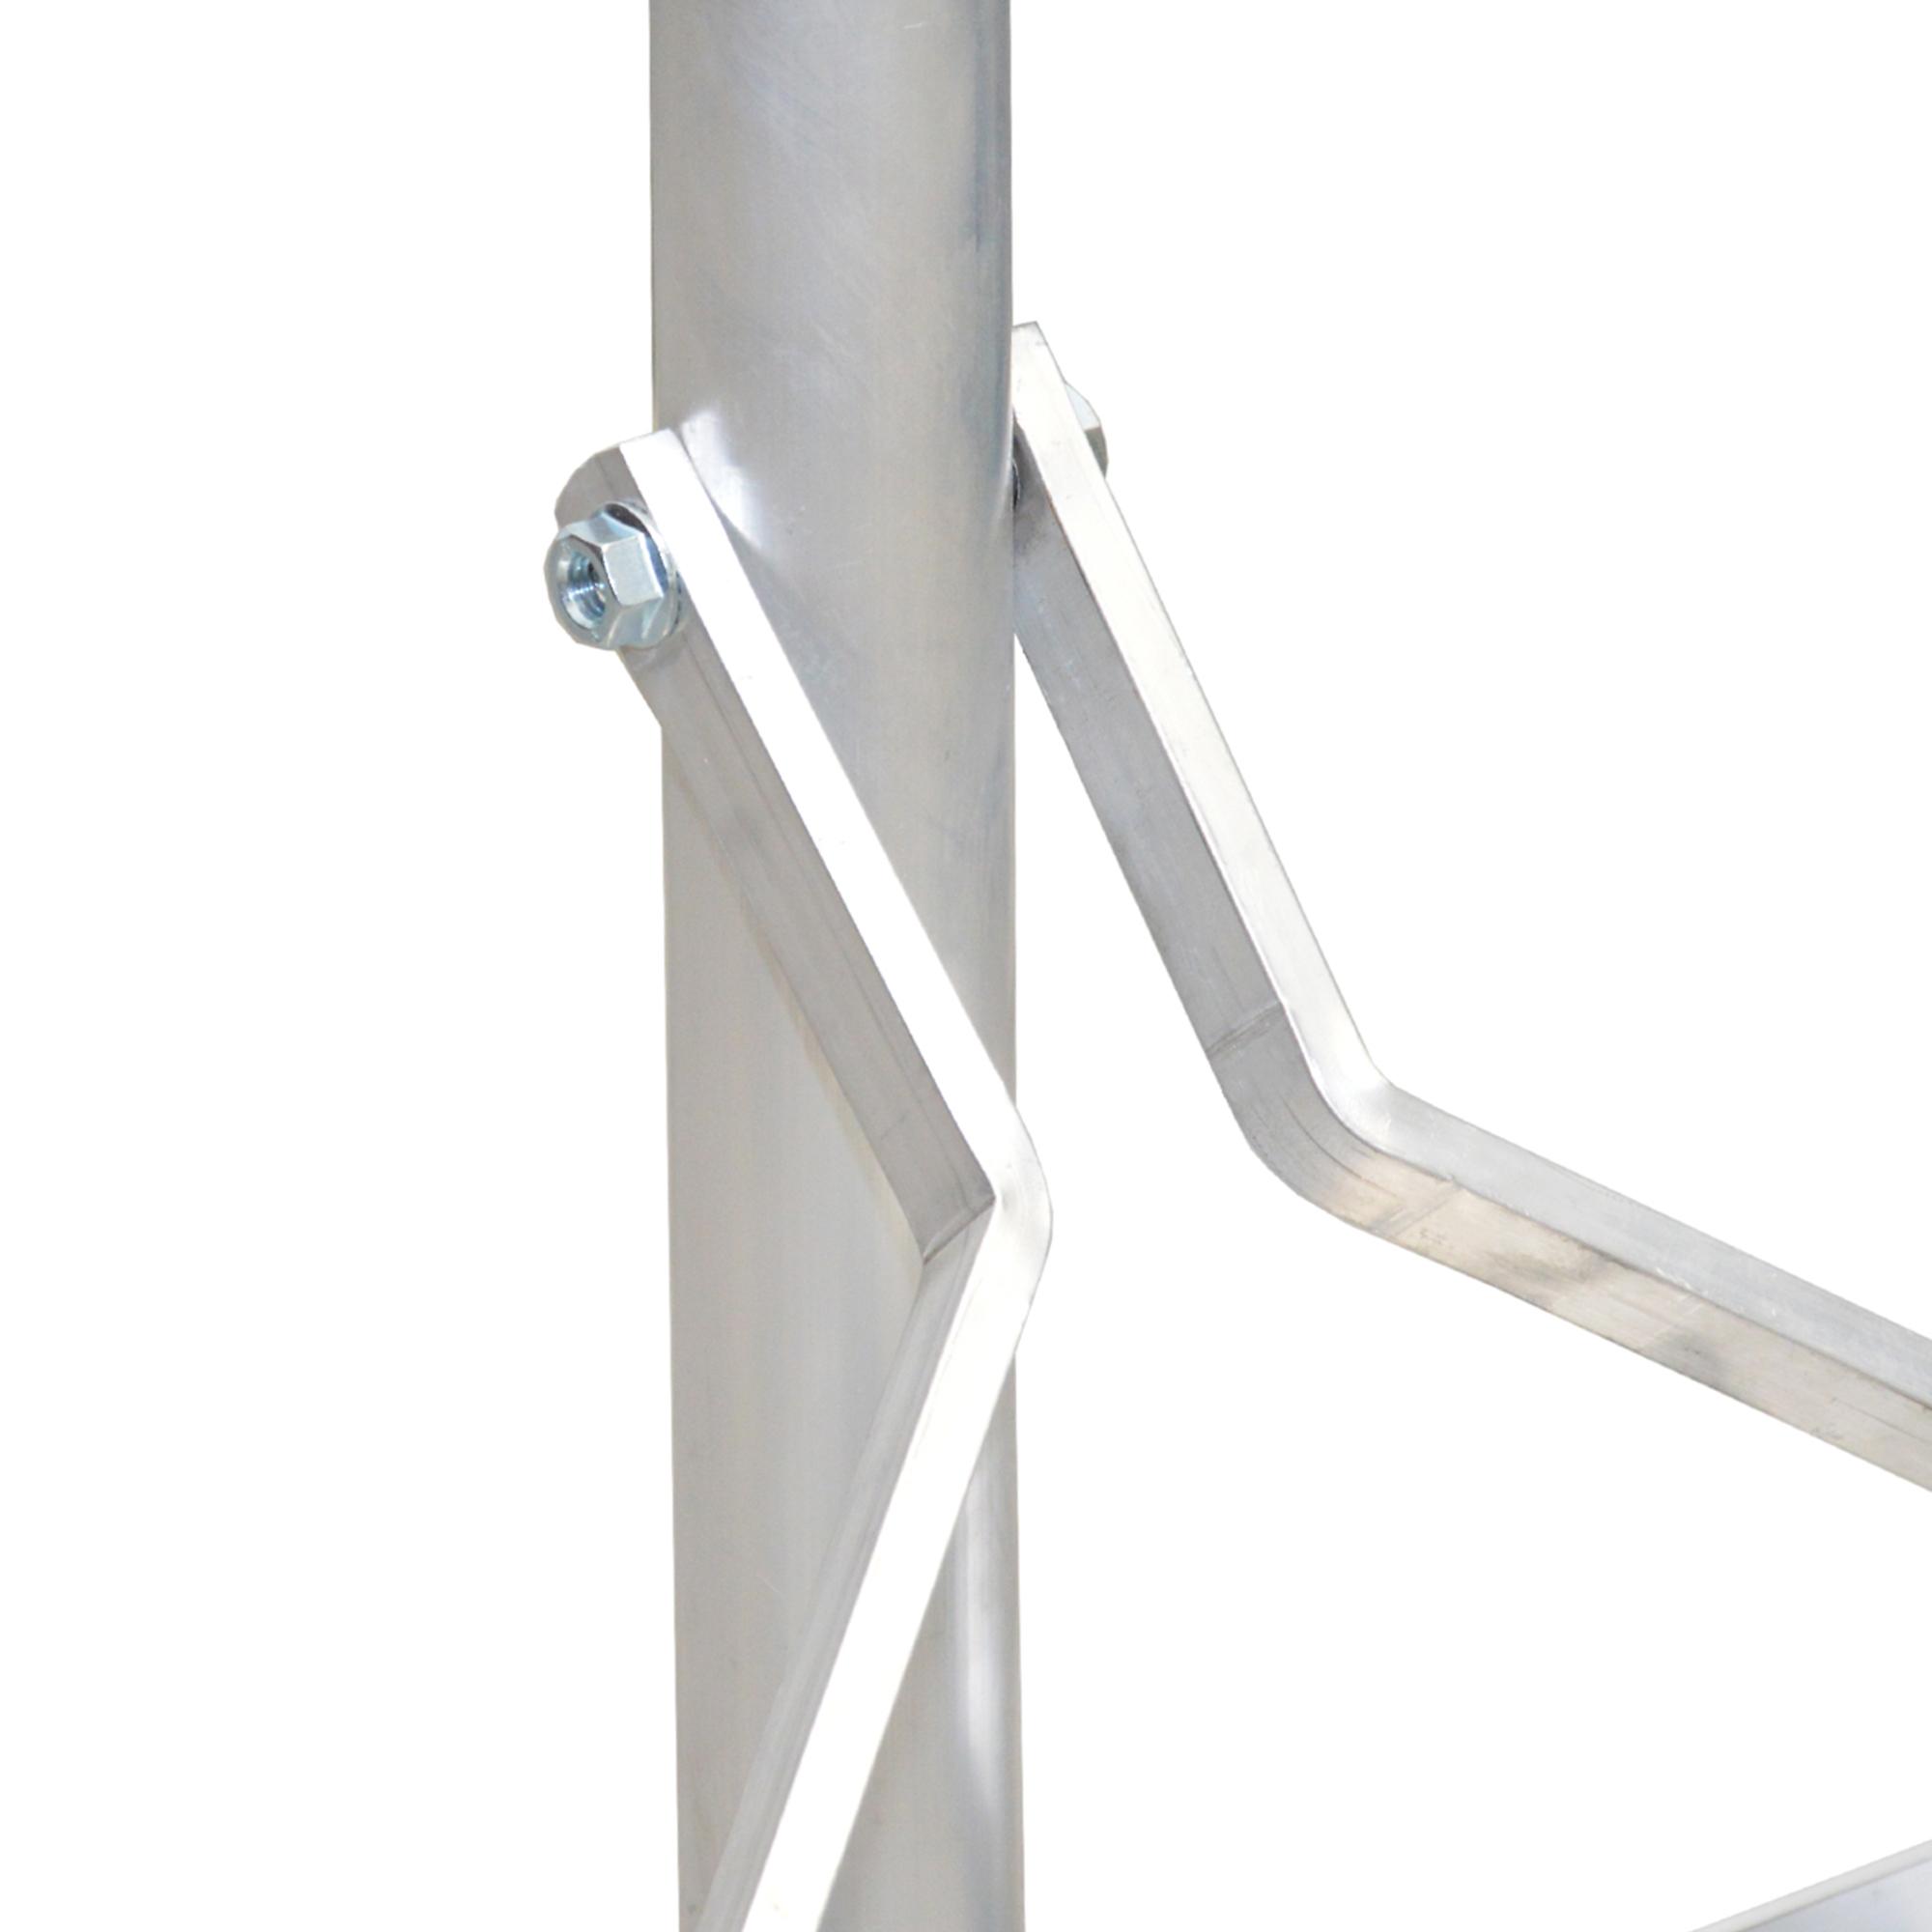 PremiumX Balkonständer ALU 40x40 1 Meter Mast Sat Montage Balkon Terrassen Ständer stabil